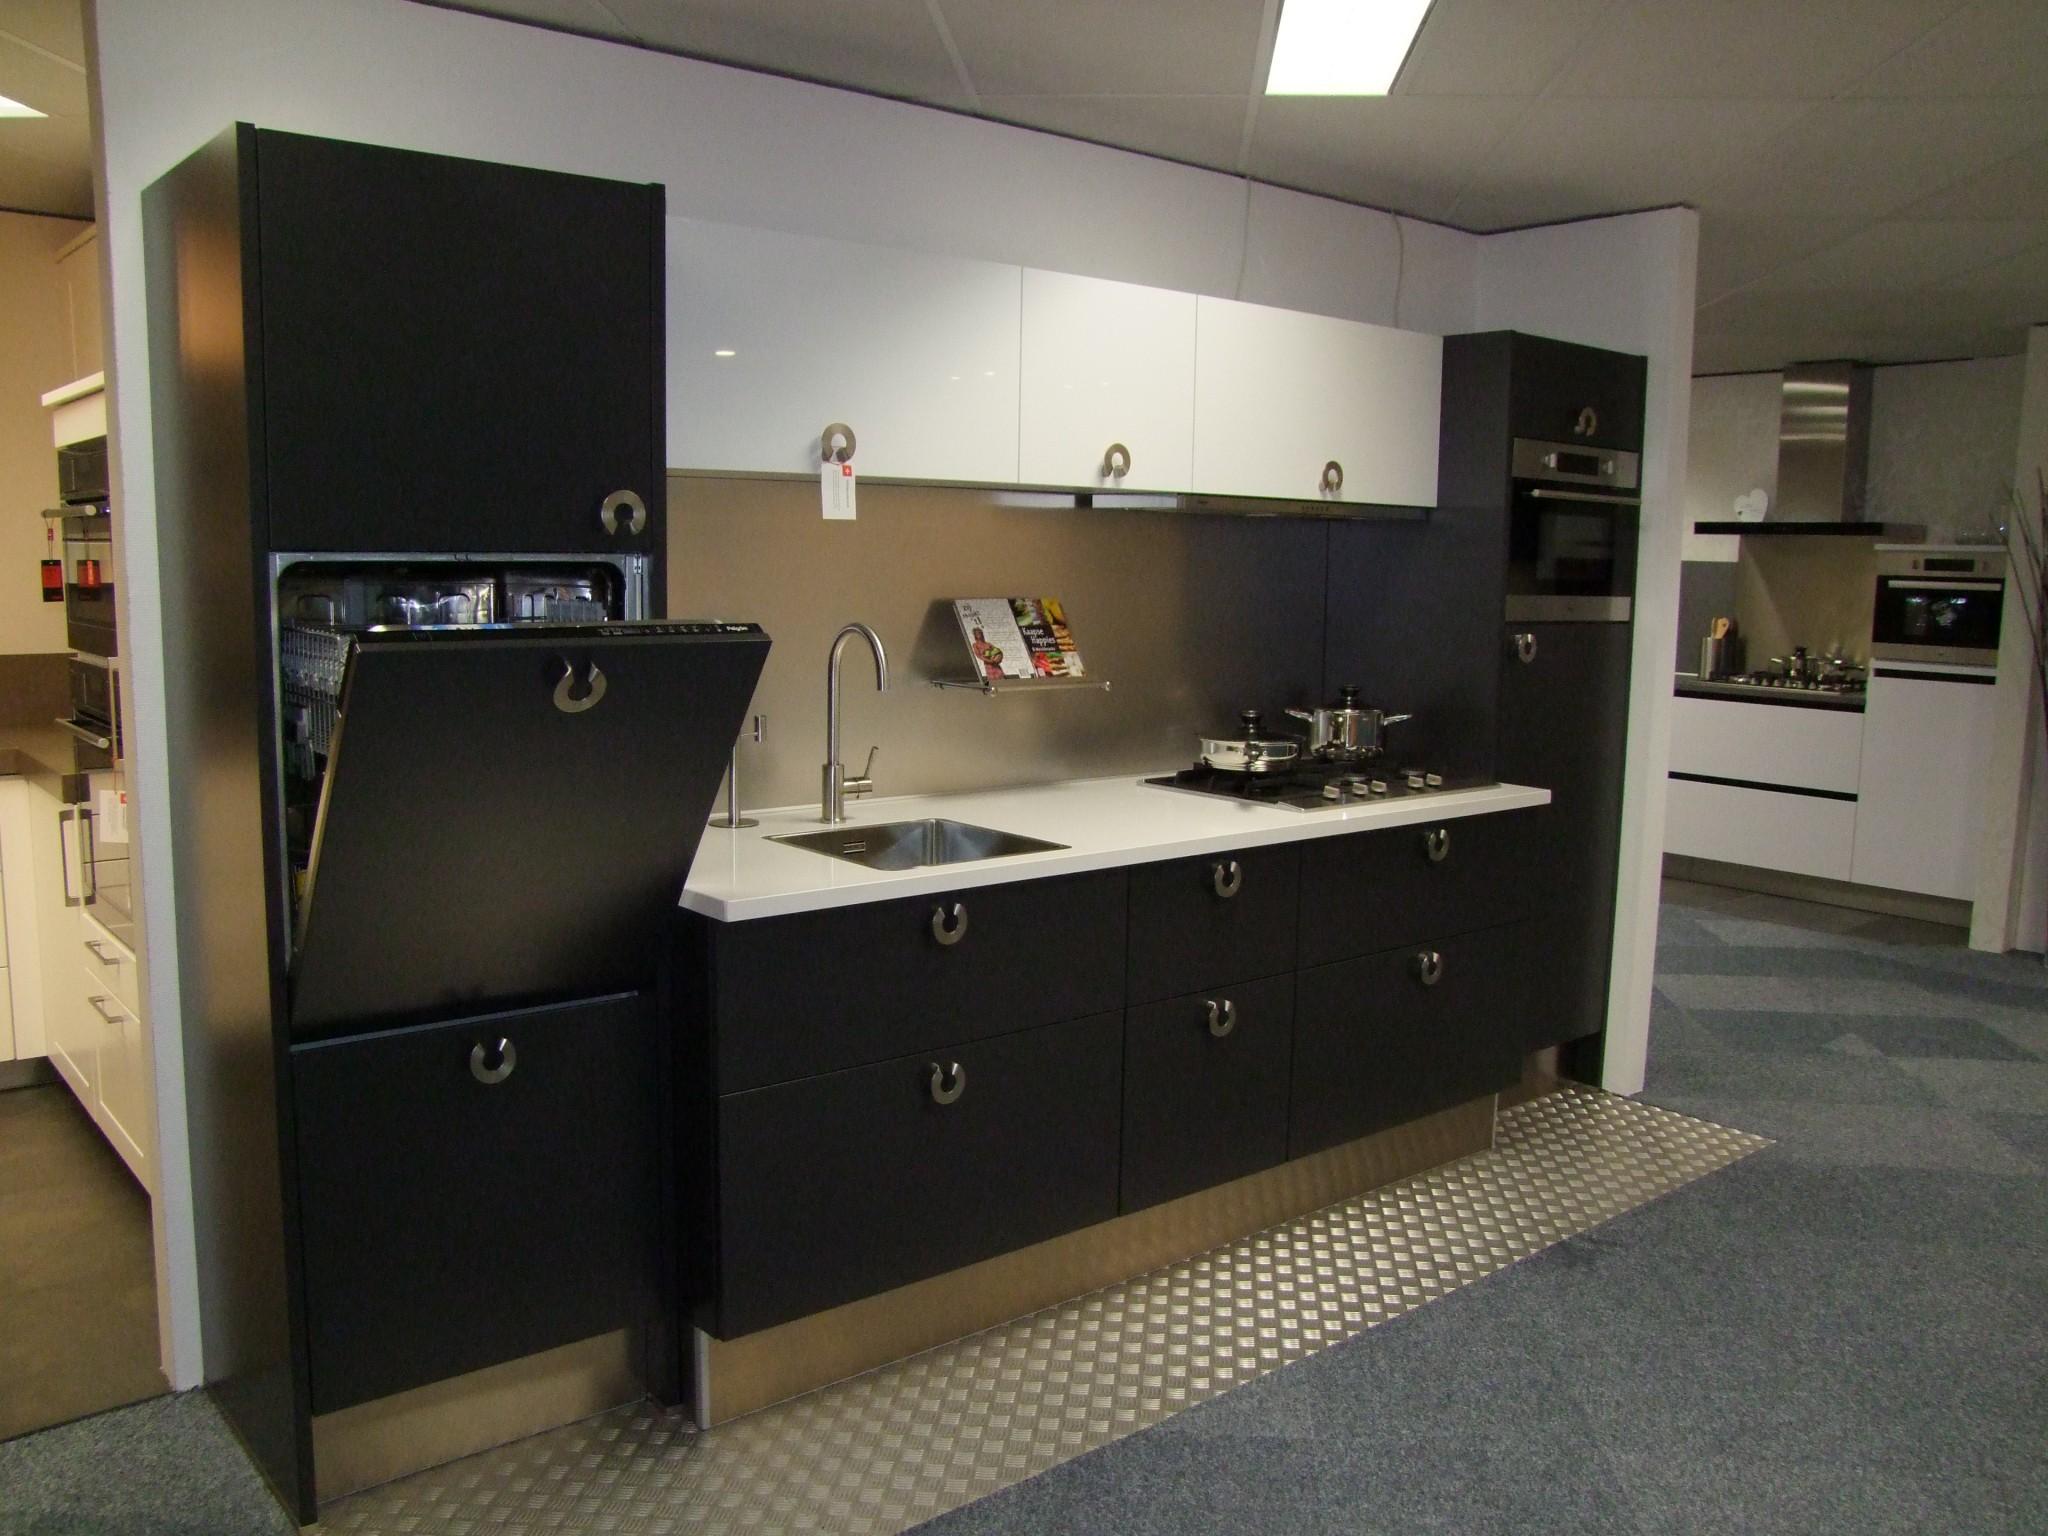 Hoogte Werkblad Badkamer : Hoogte werkblad keuken ikea u informatie over de keuken